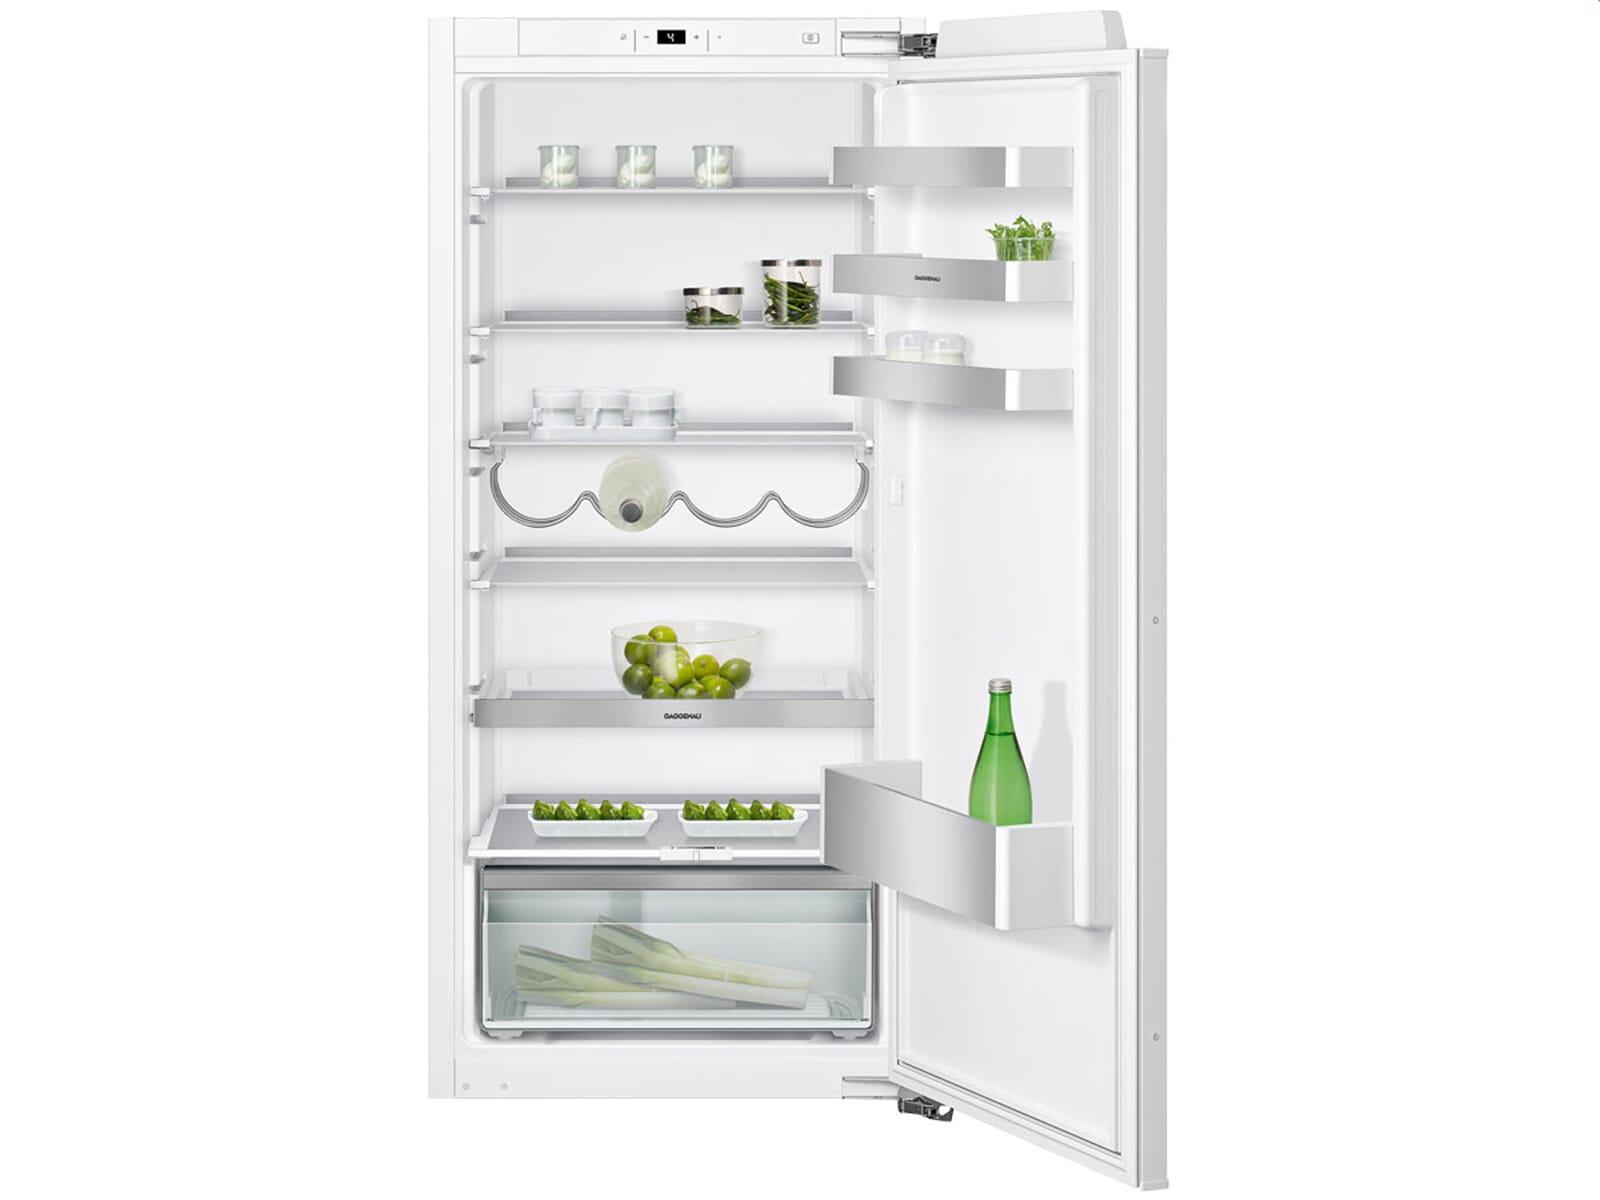 Gaggenau rc 222 203 einbaukuhlschrank for Gaggenau kühlschrank